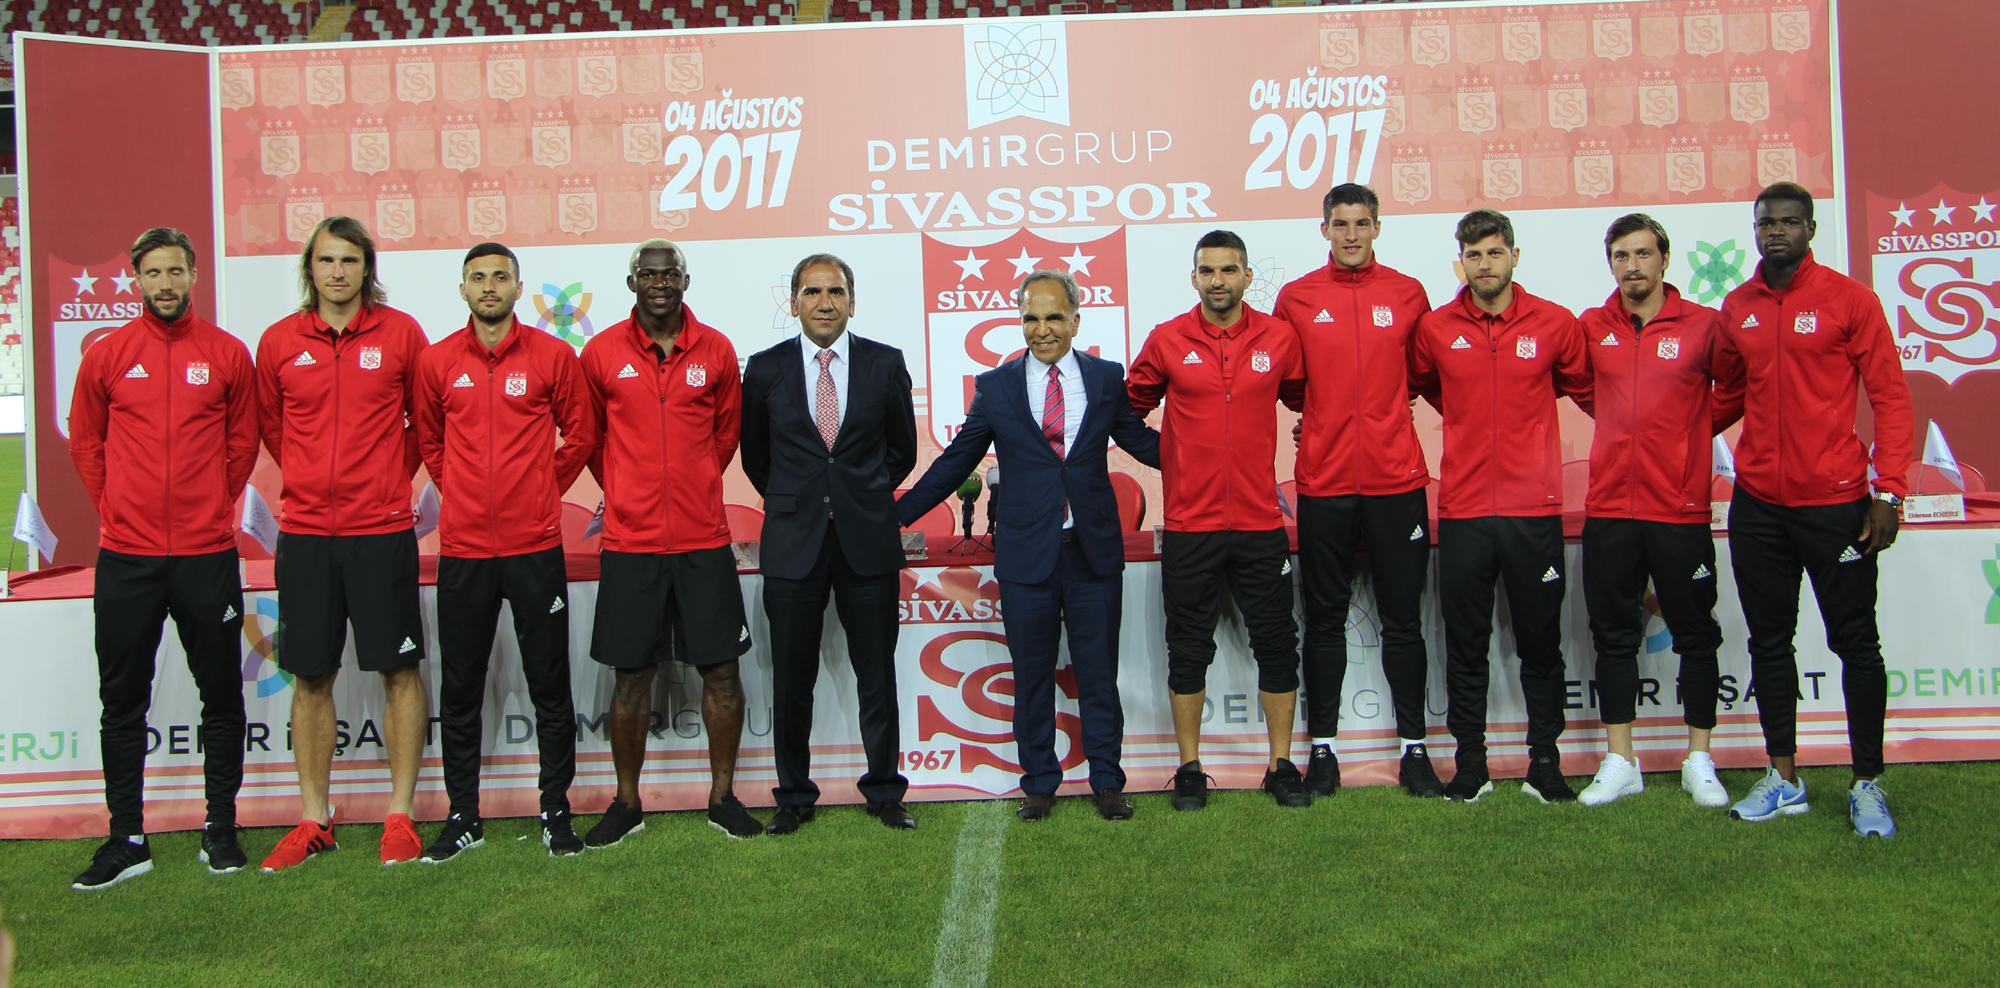 Demir Grup'un Sivasspor'a Sponsorluğu Devam Edecek